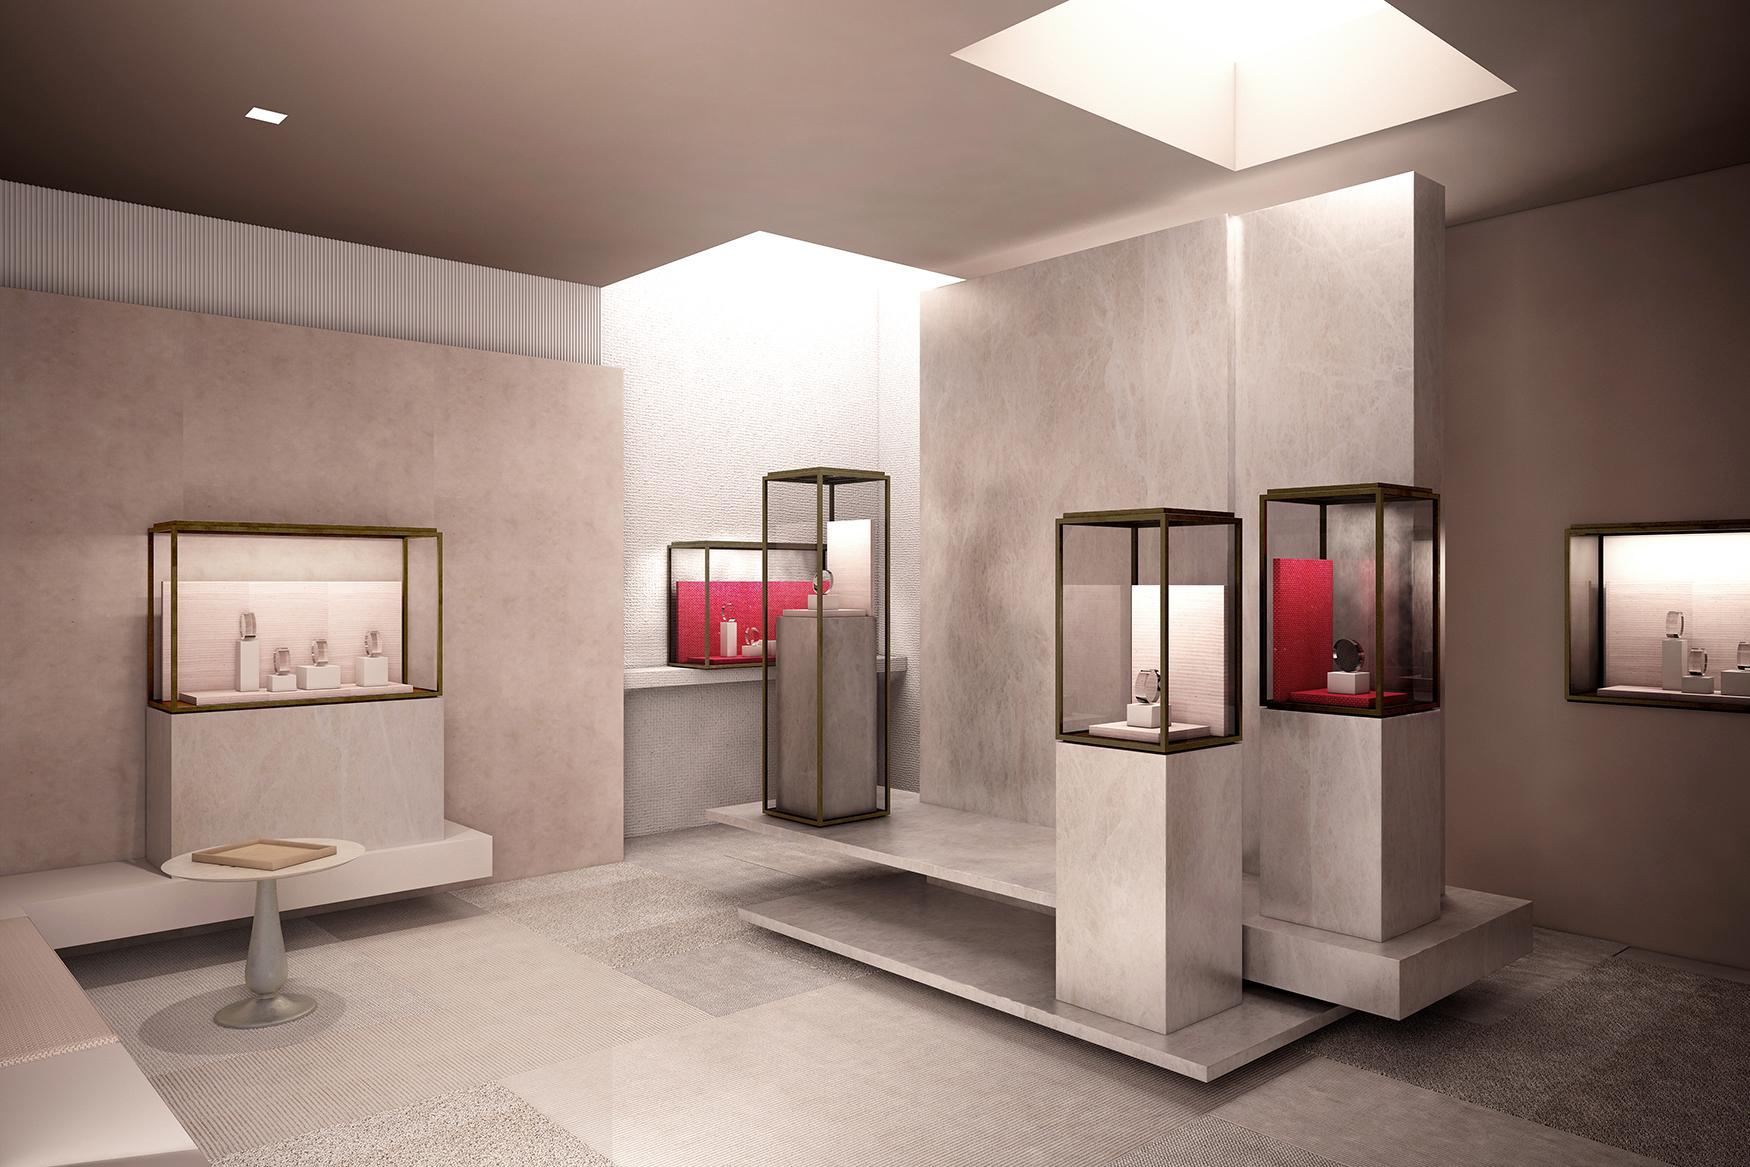 sandrine sarah faivre-architecture-interieure-shopping-2016-Cartier-mysterieux-01